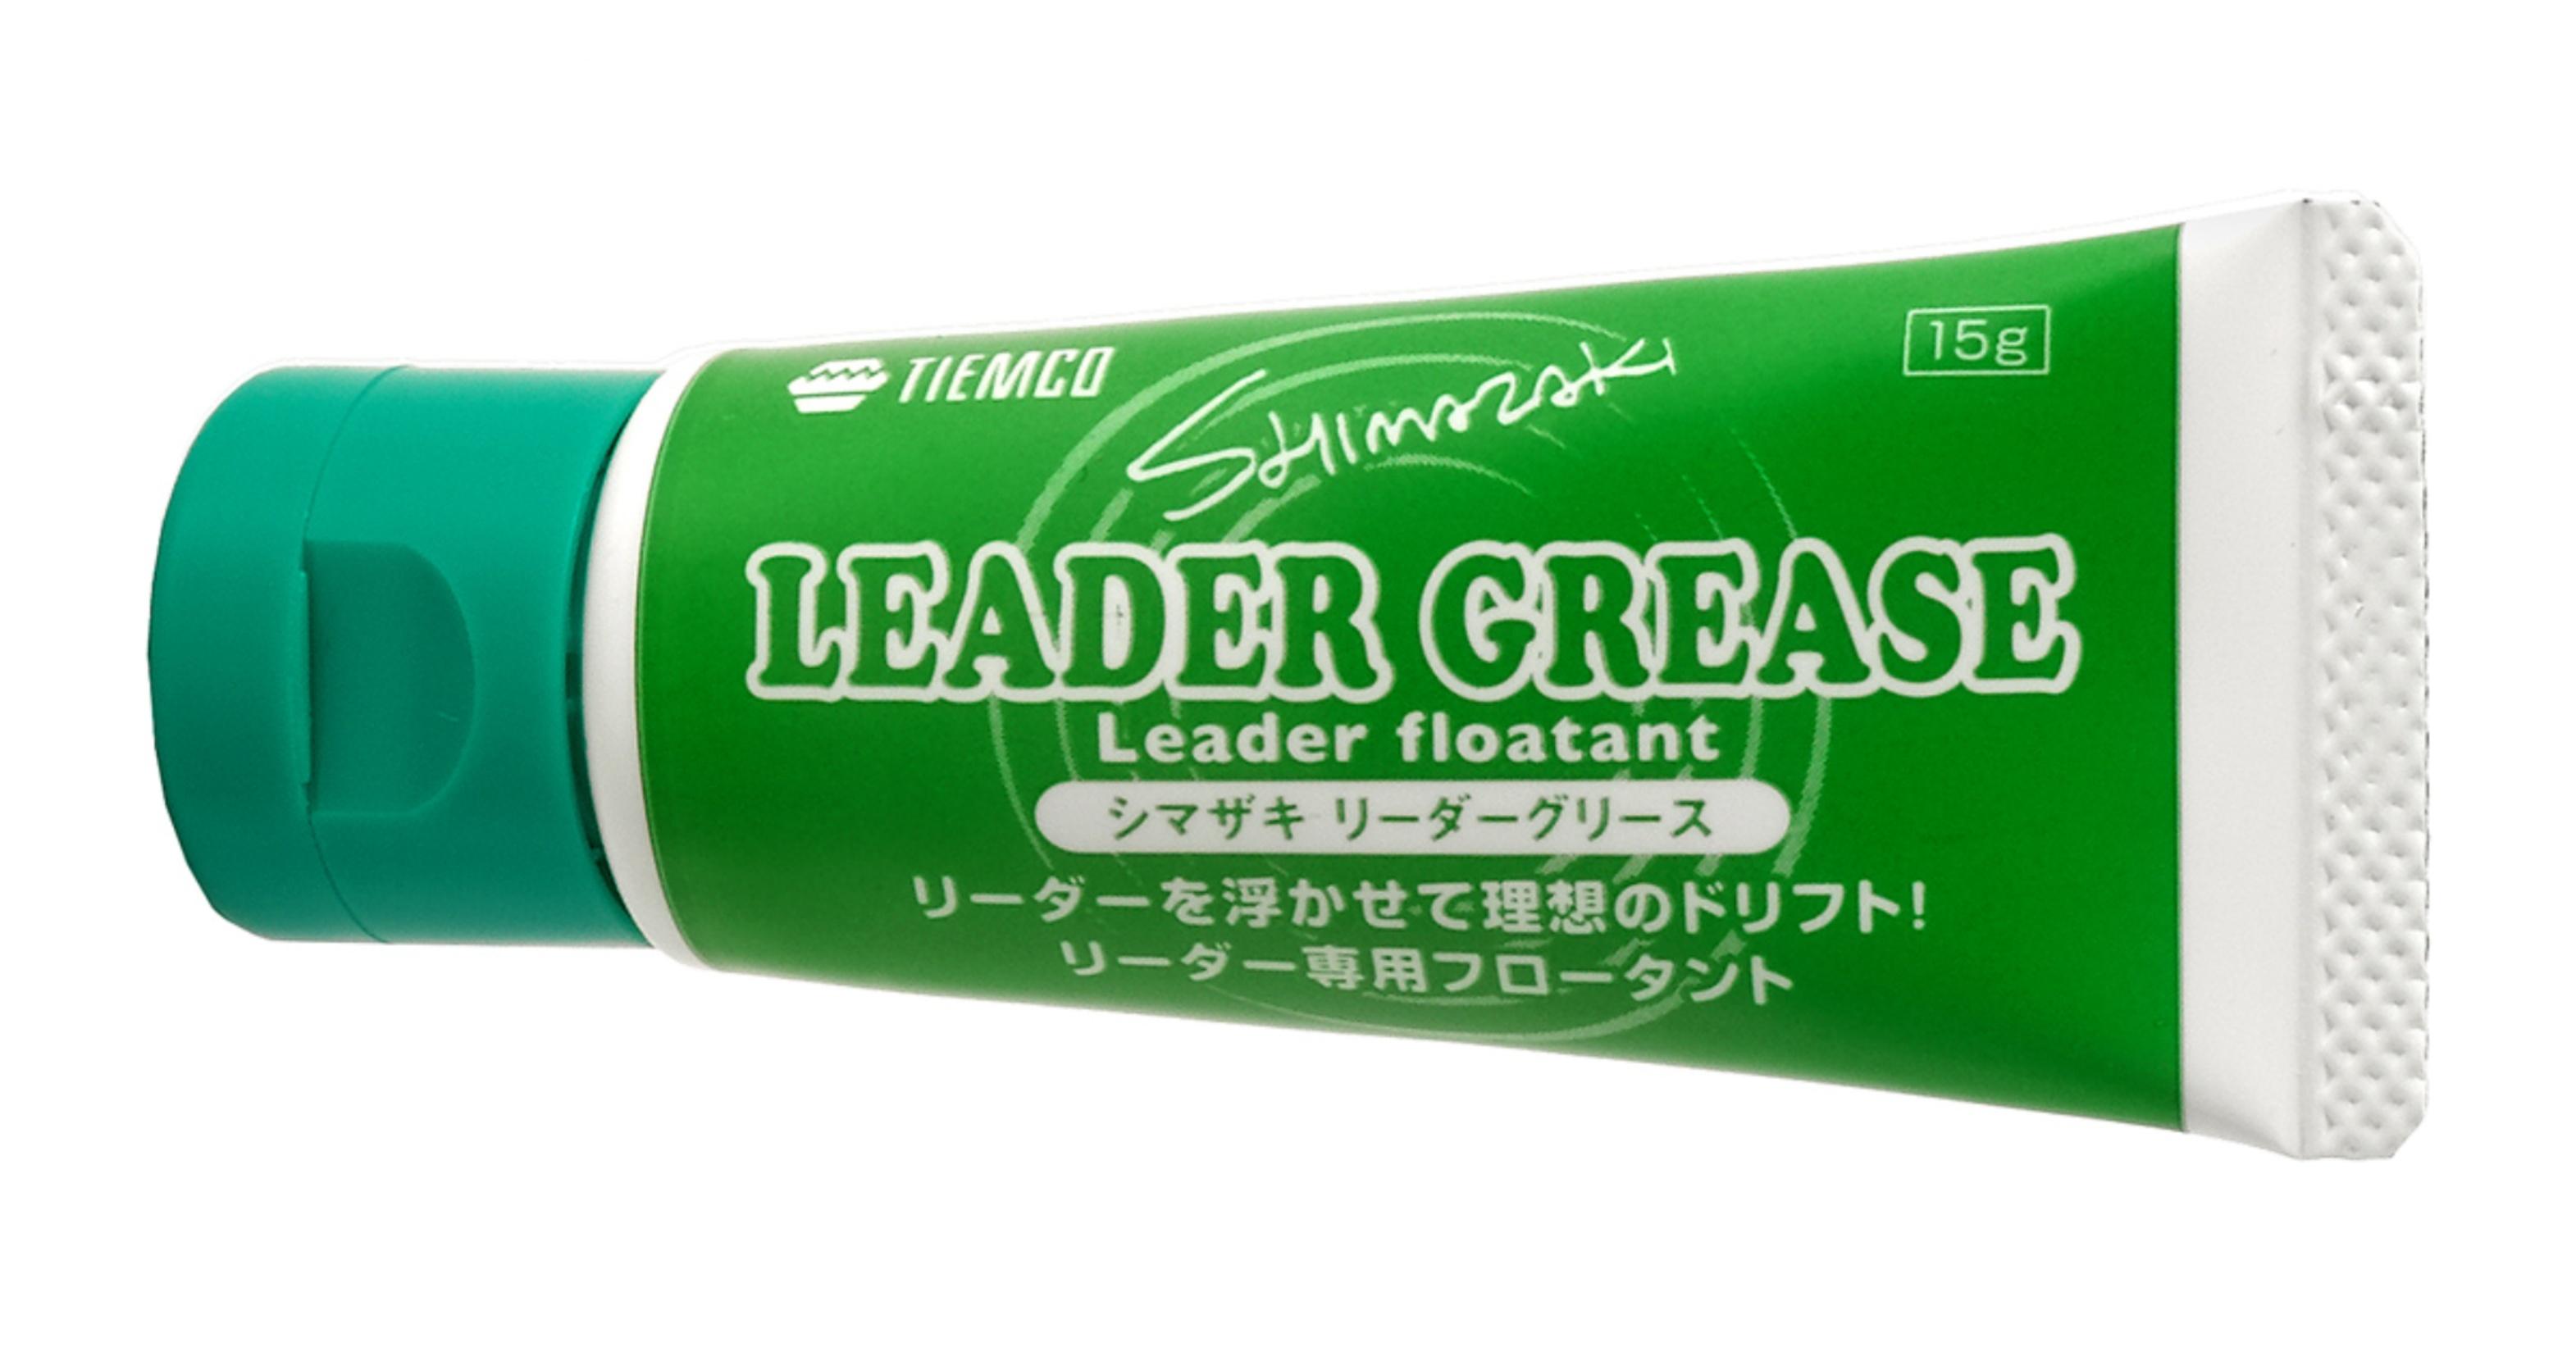 シマザキ リーダーグリース